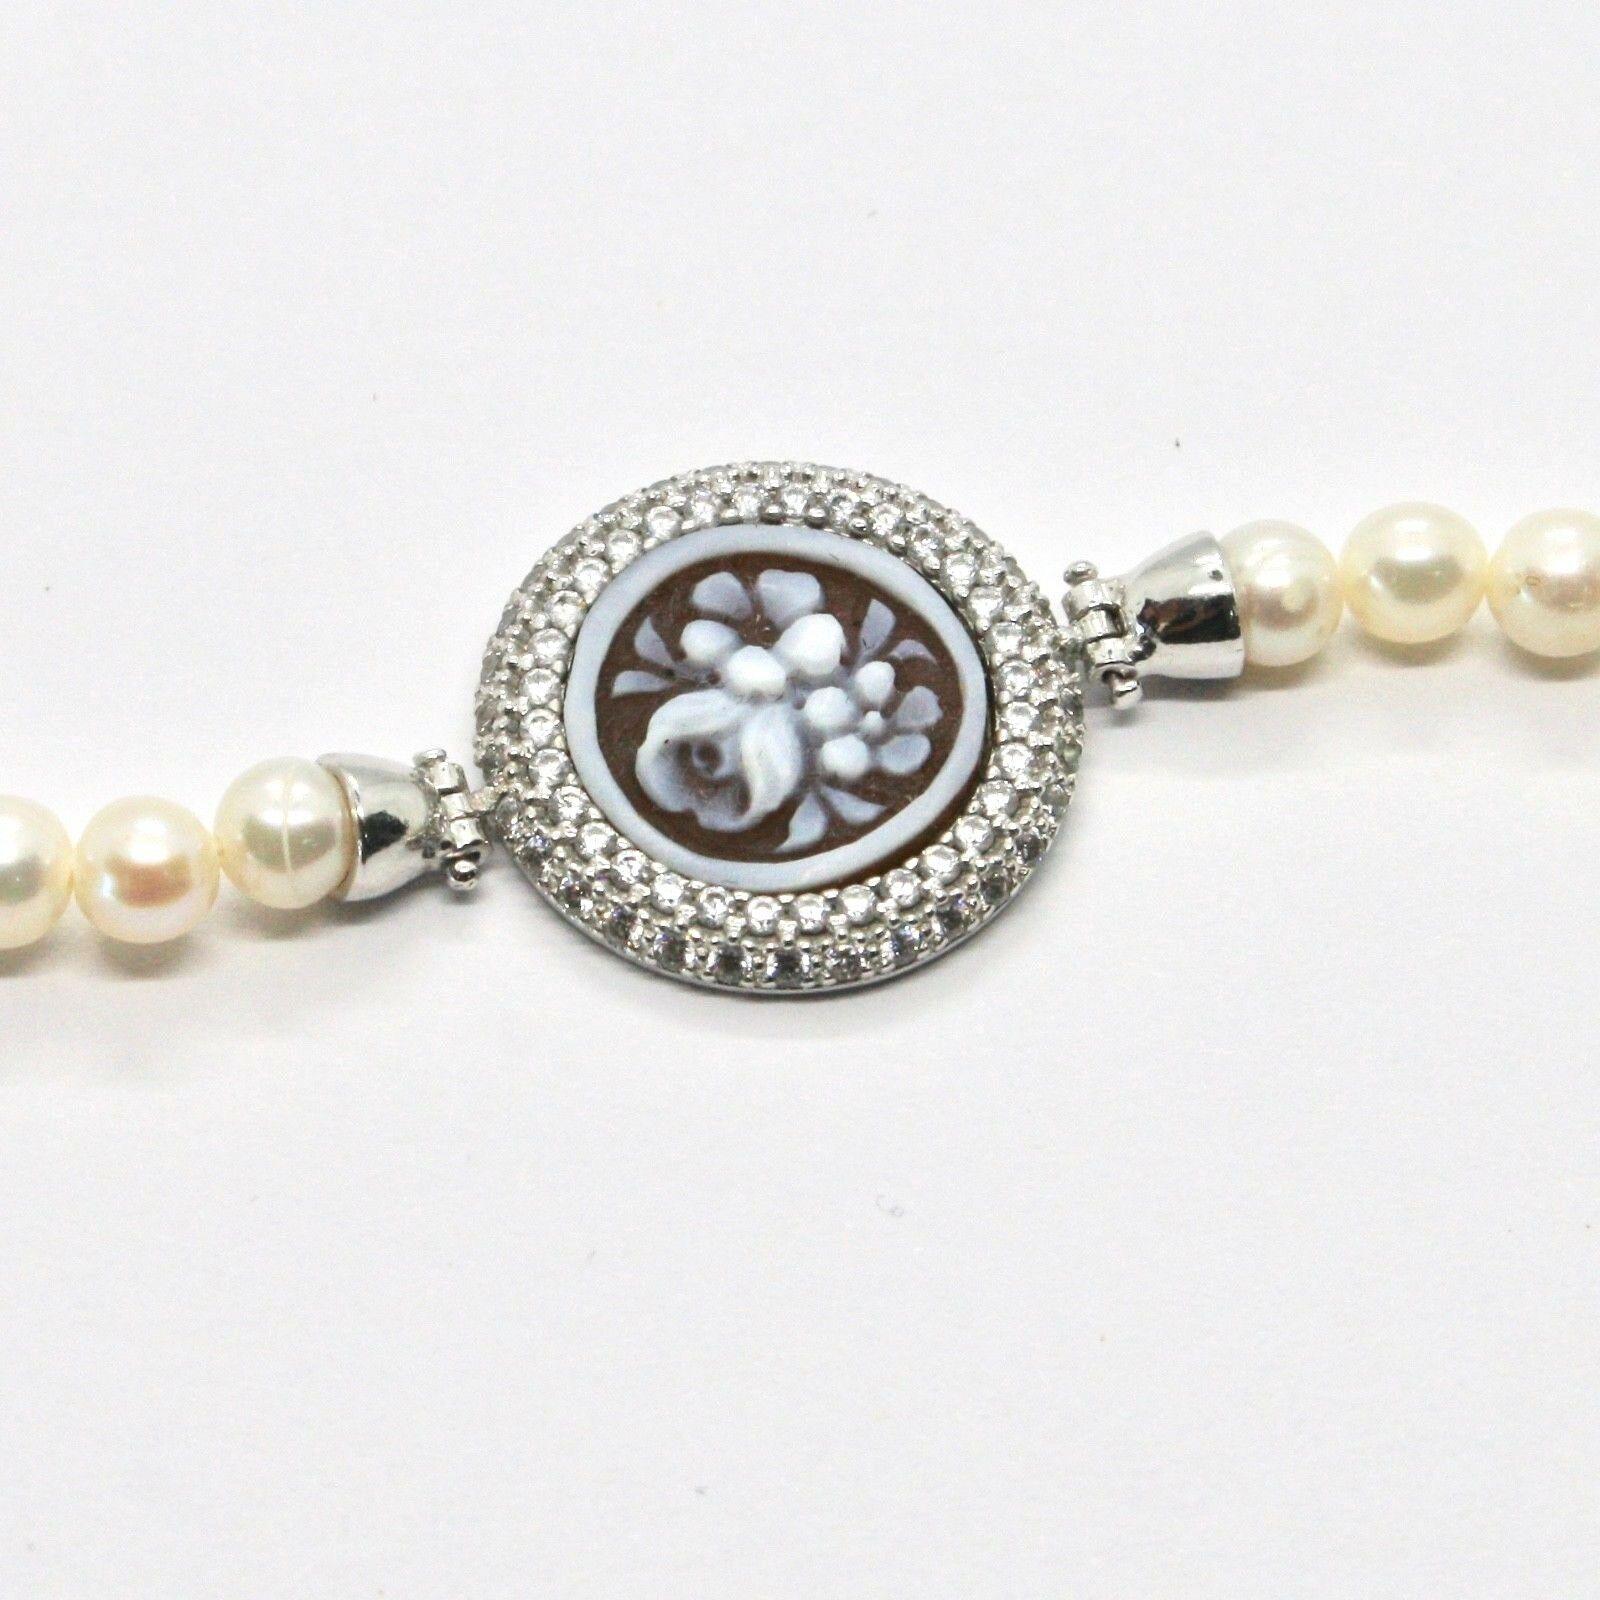 Armband 925 Silber mit Perlen Wasser Dolce Kamee Kamee Zirkonia Kubische image 7